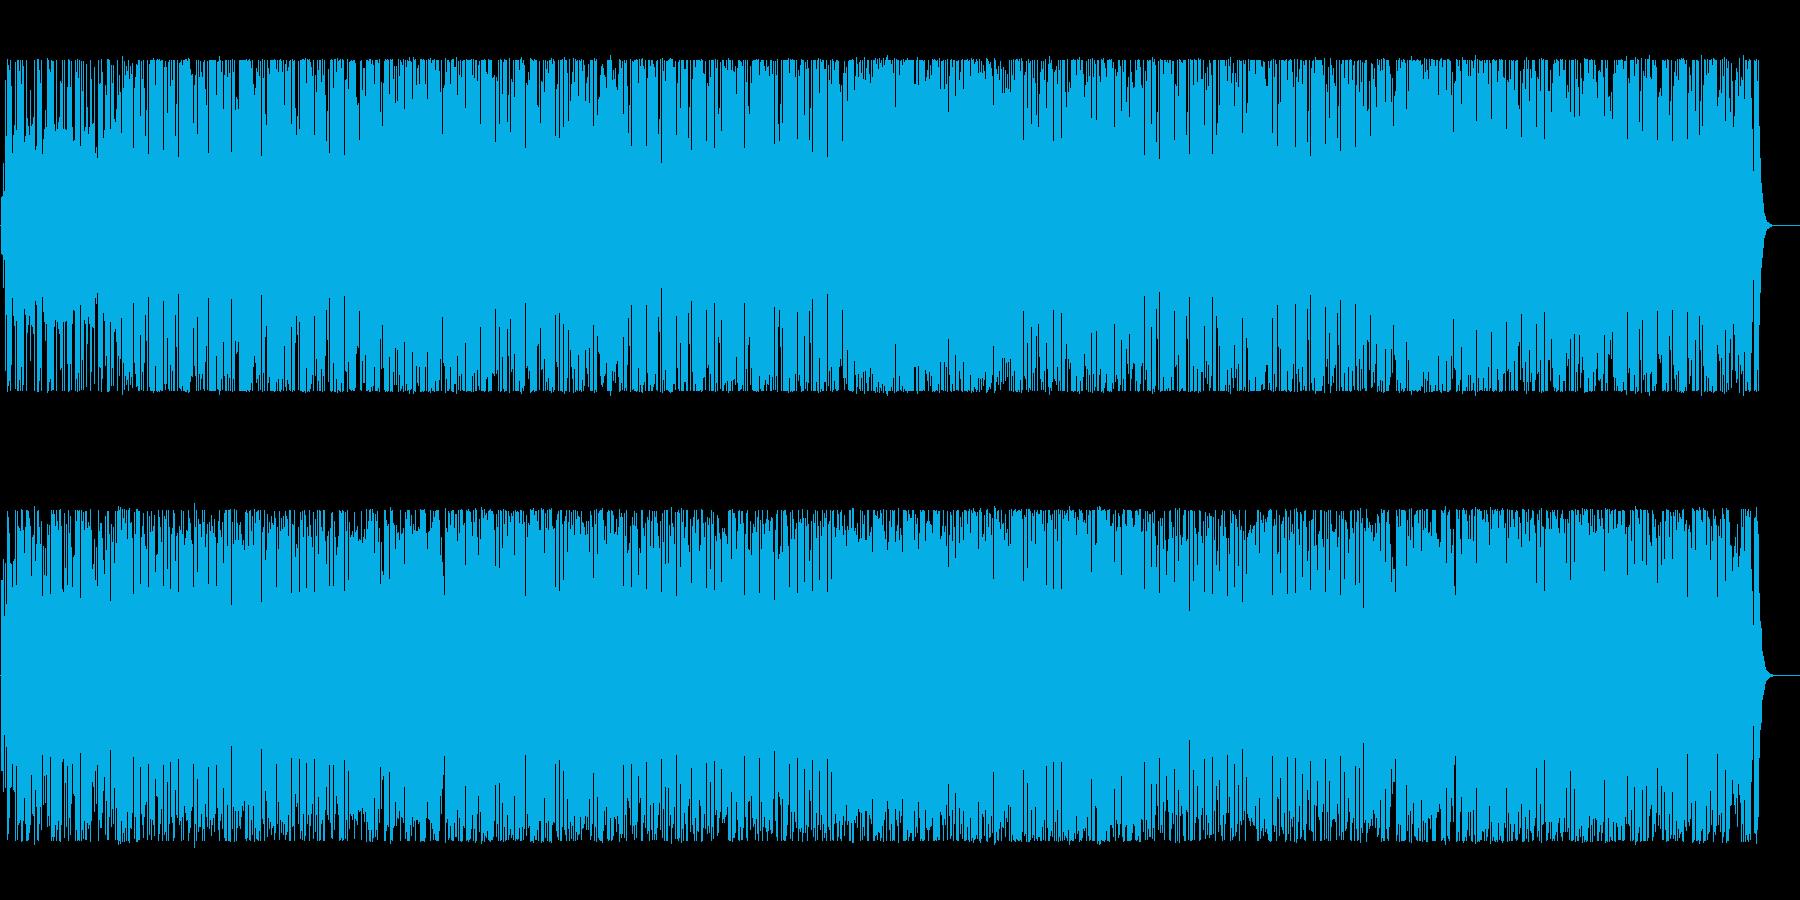 リズミカルでコミカルなBGMの再生済みの波形